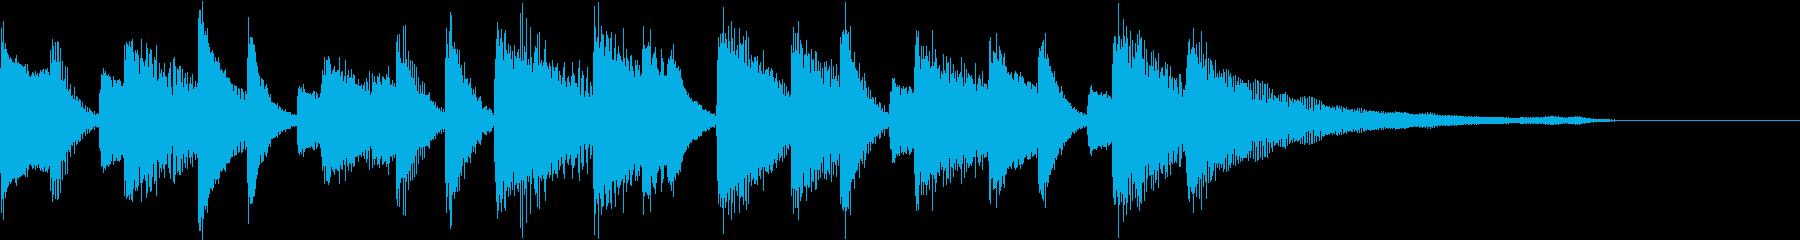 可愛くちょいレトロな喜劇的ピアノジングルの再生済みの波形